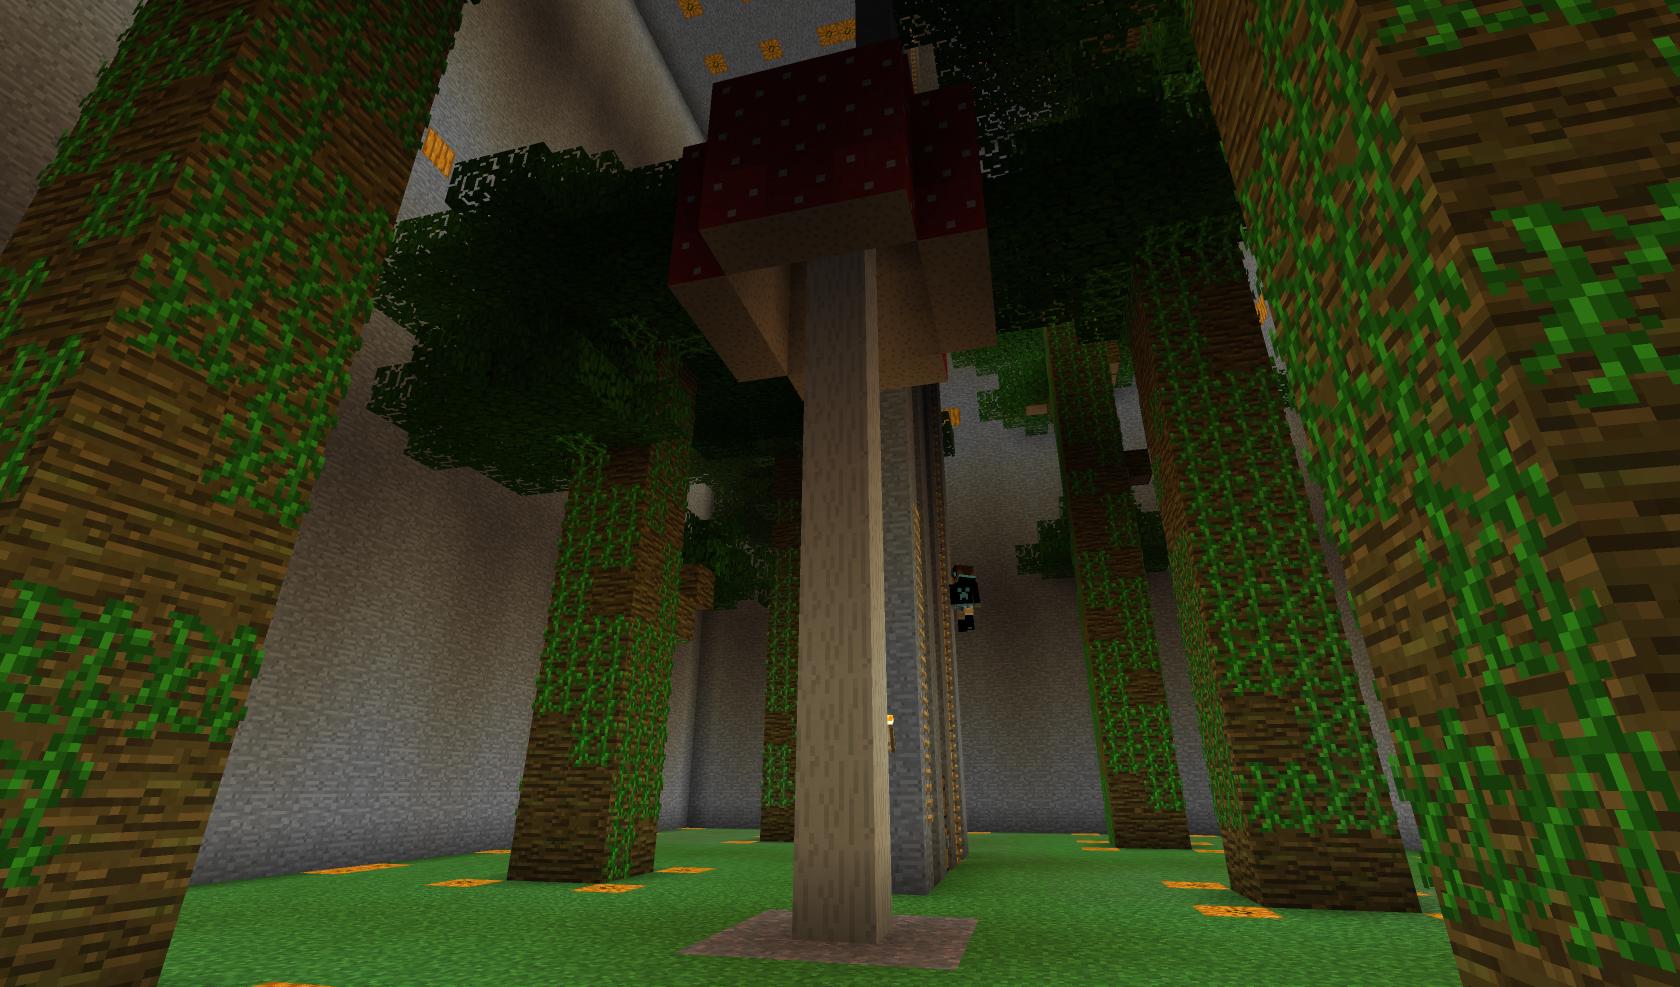 Defintiv ein Riesenpilz, so groß wie der daneben stehende Dschungelbaum